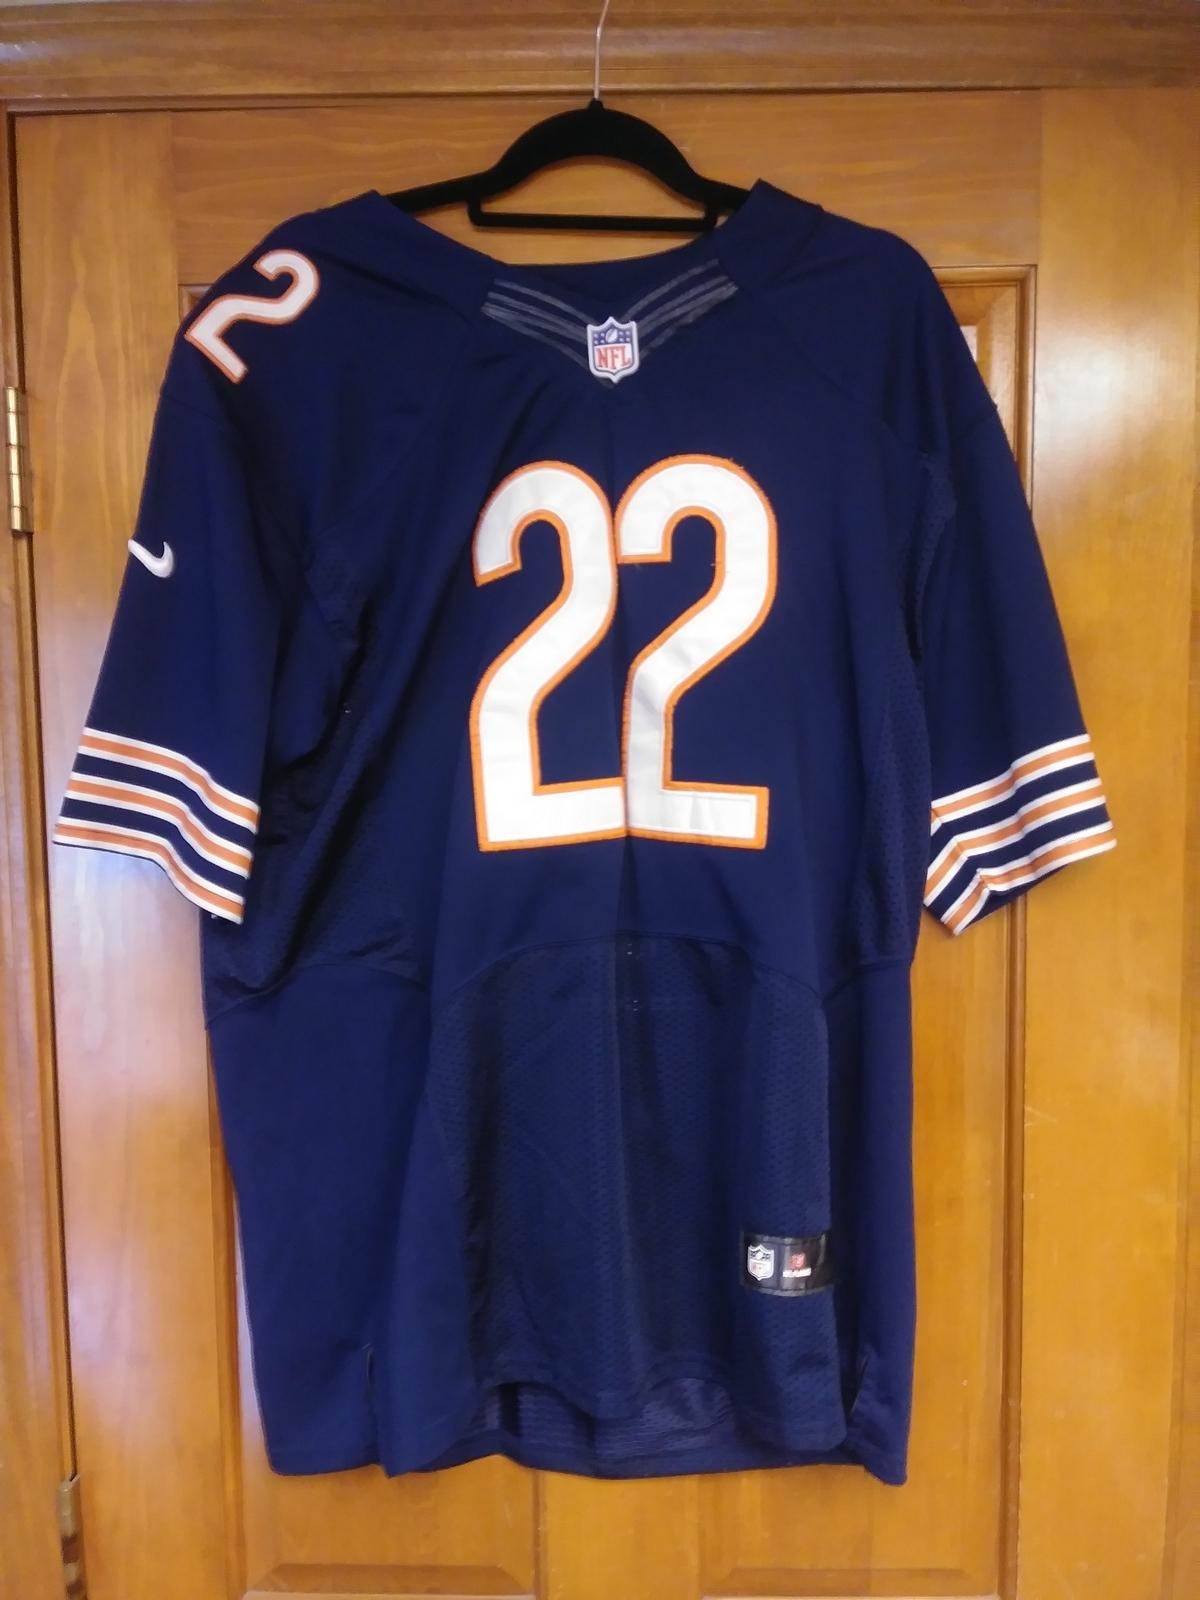 online store 03f45 077b5 men's Chicago Bears NFL Matt Forte football and similar items